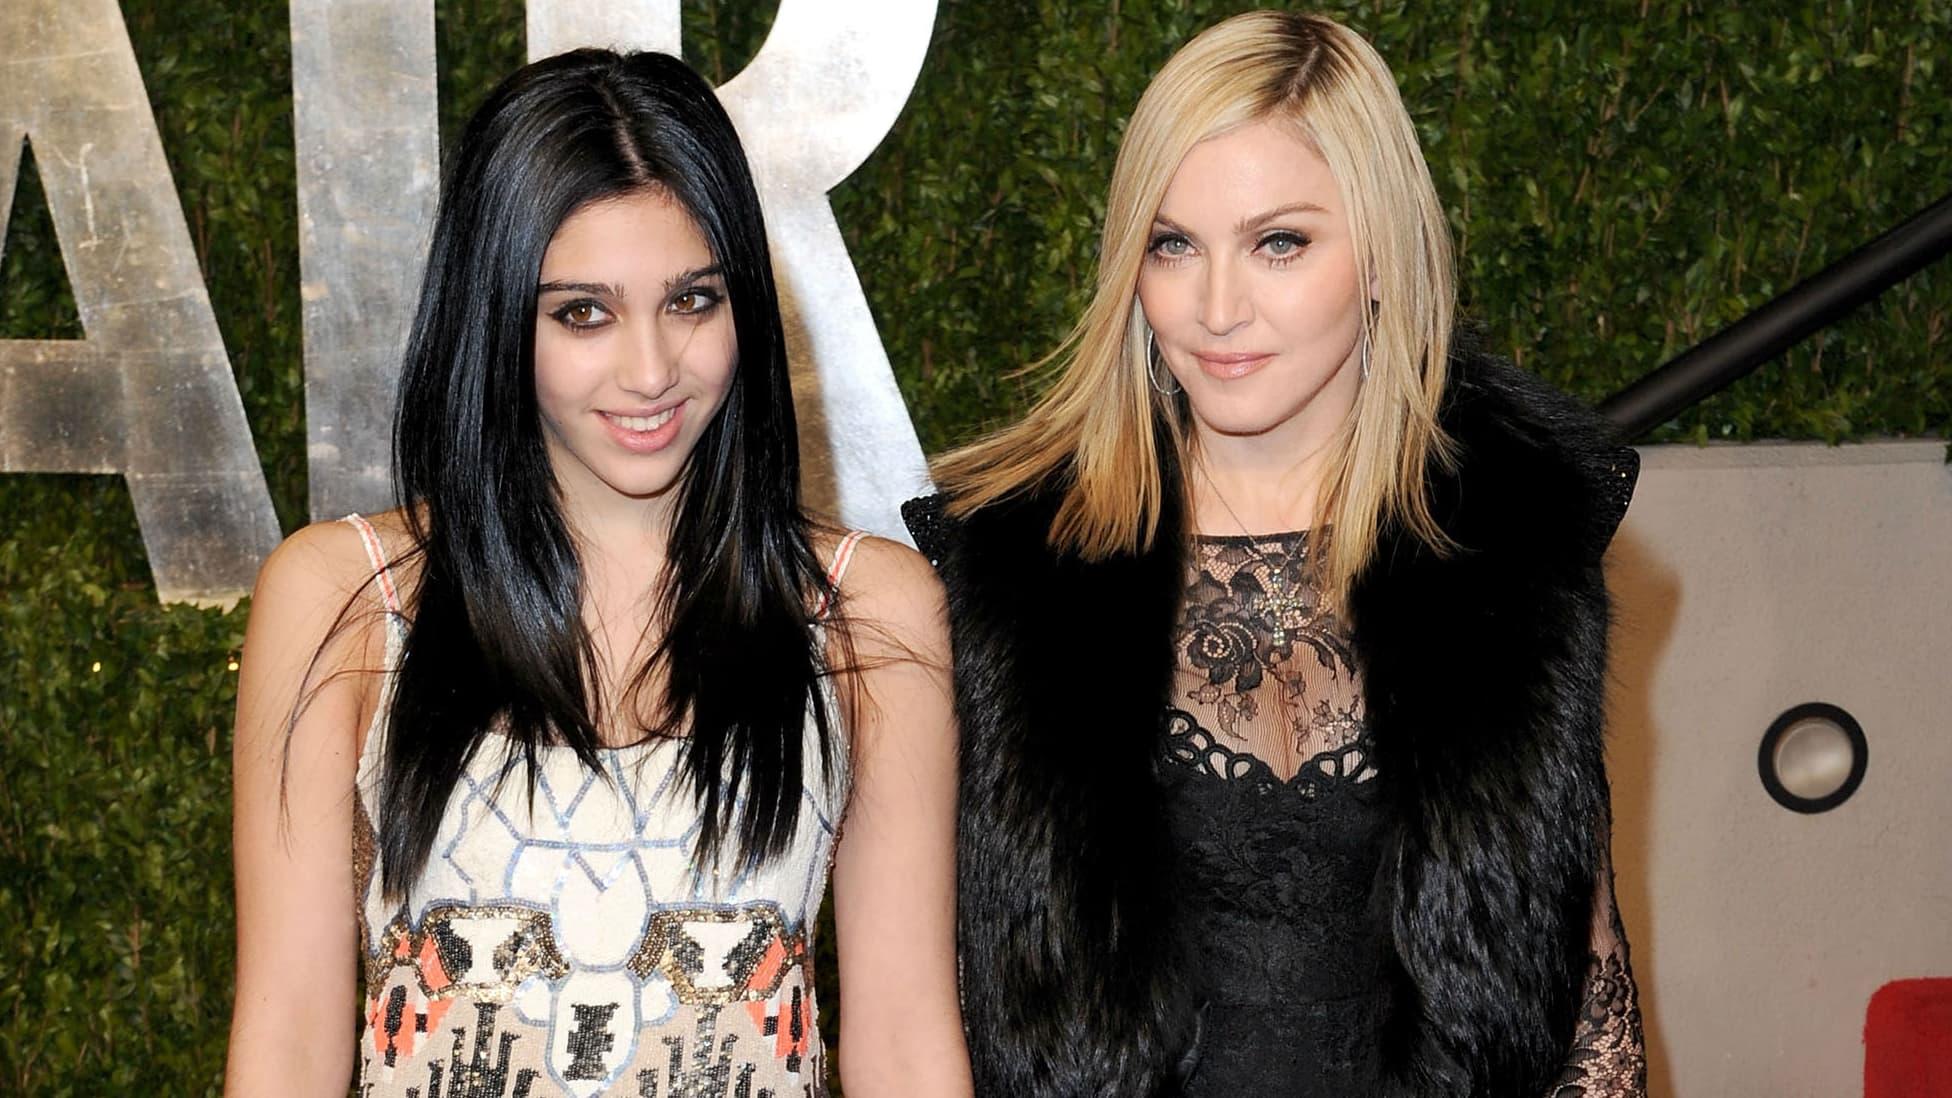 Lourdes Leon, la fille de Madonna, devient le nouveau visage d'une grande marque - BFMTV